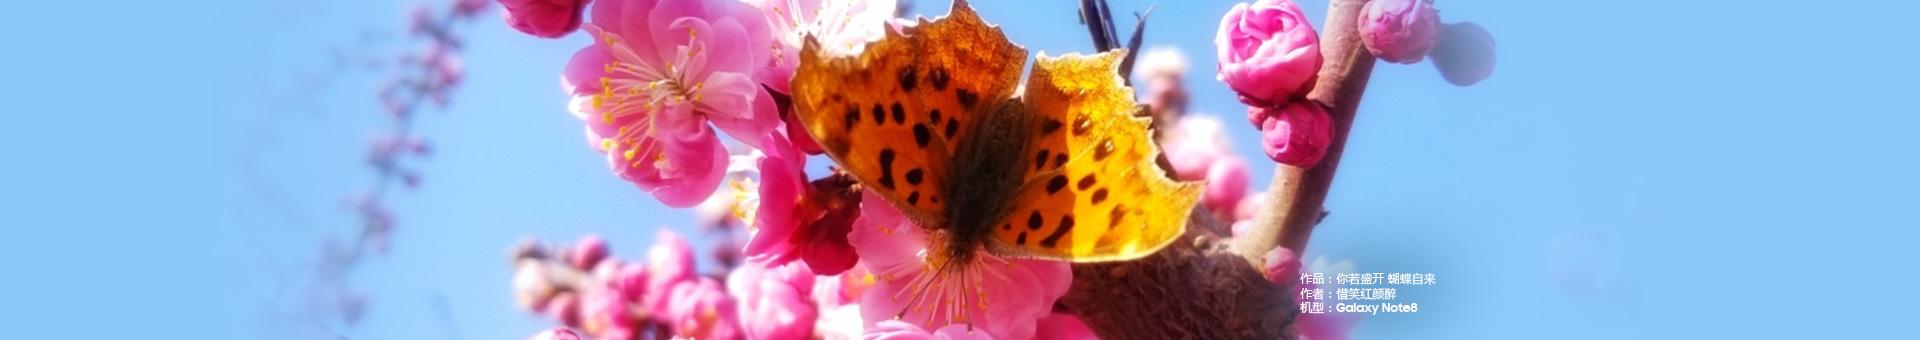 你若盛开 蝴蝶自来